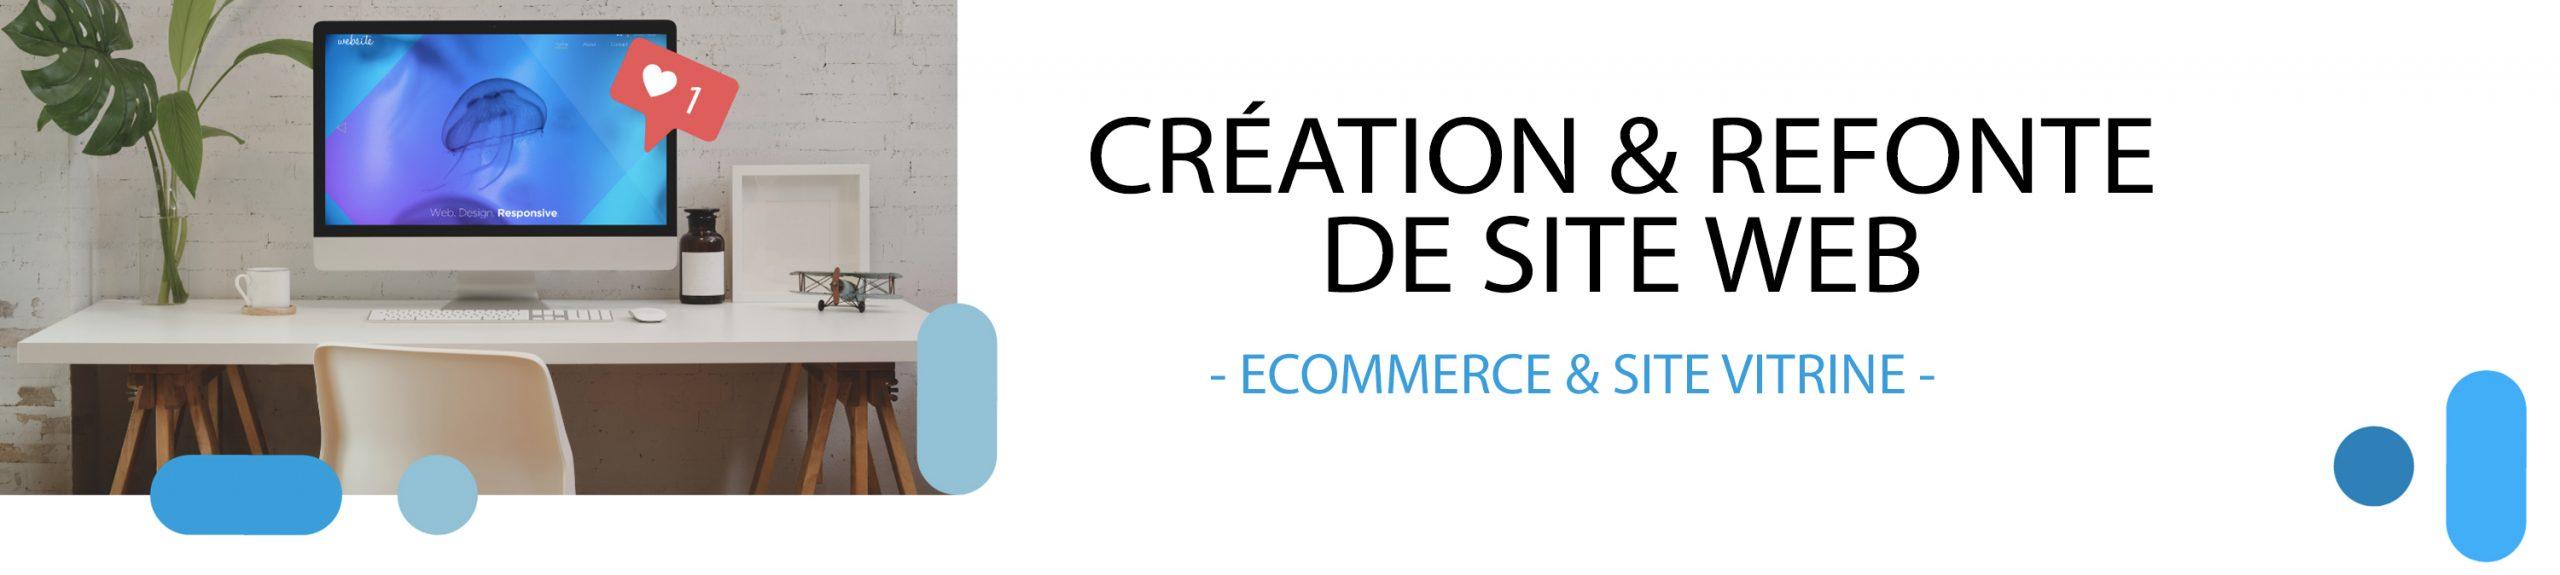 création et refonte de site web